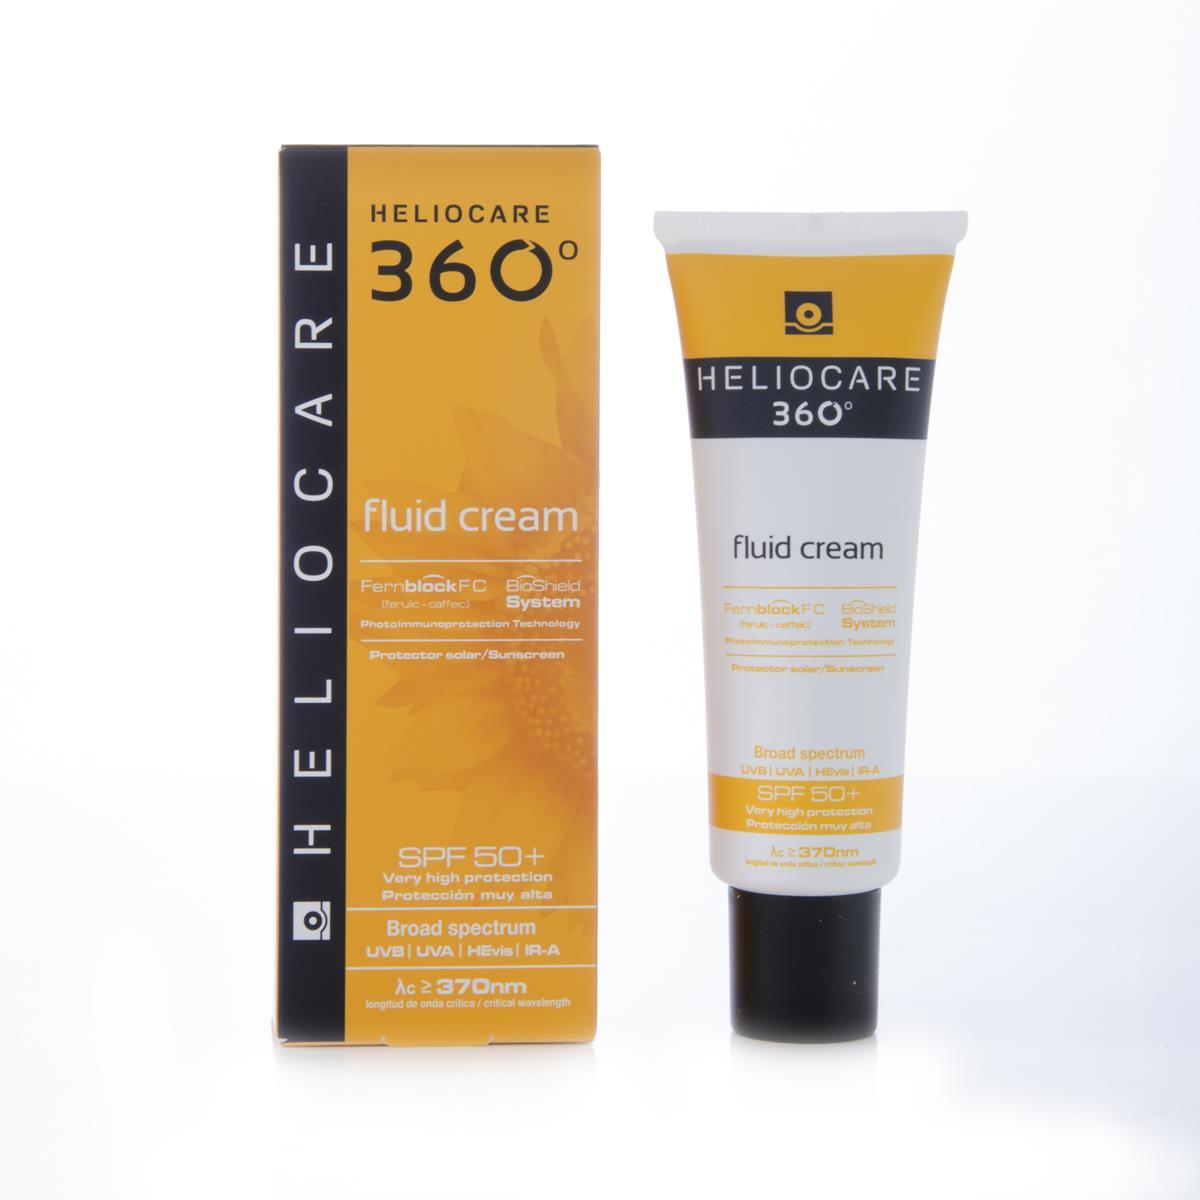 Heliocare 360 Fluid Cream 50 Ml